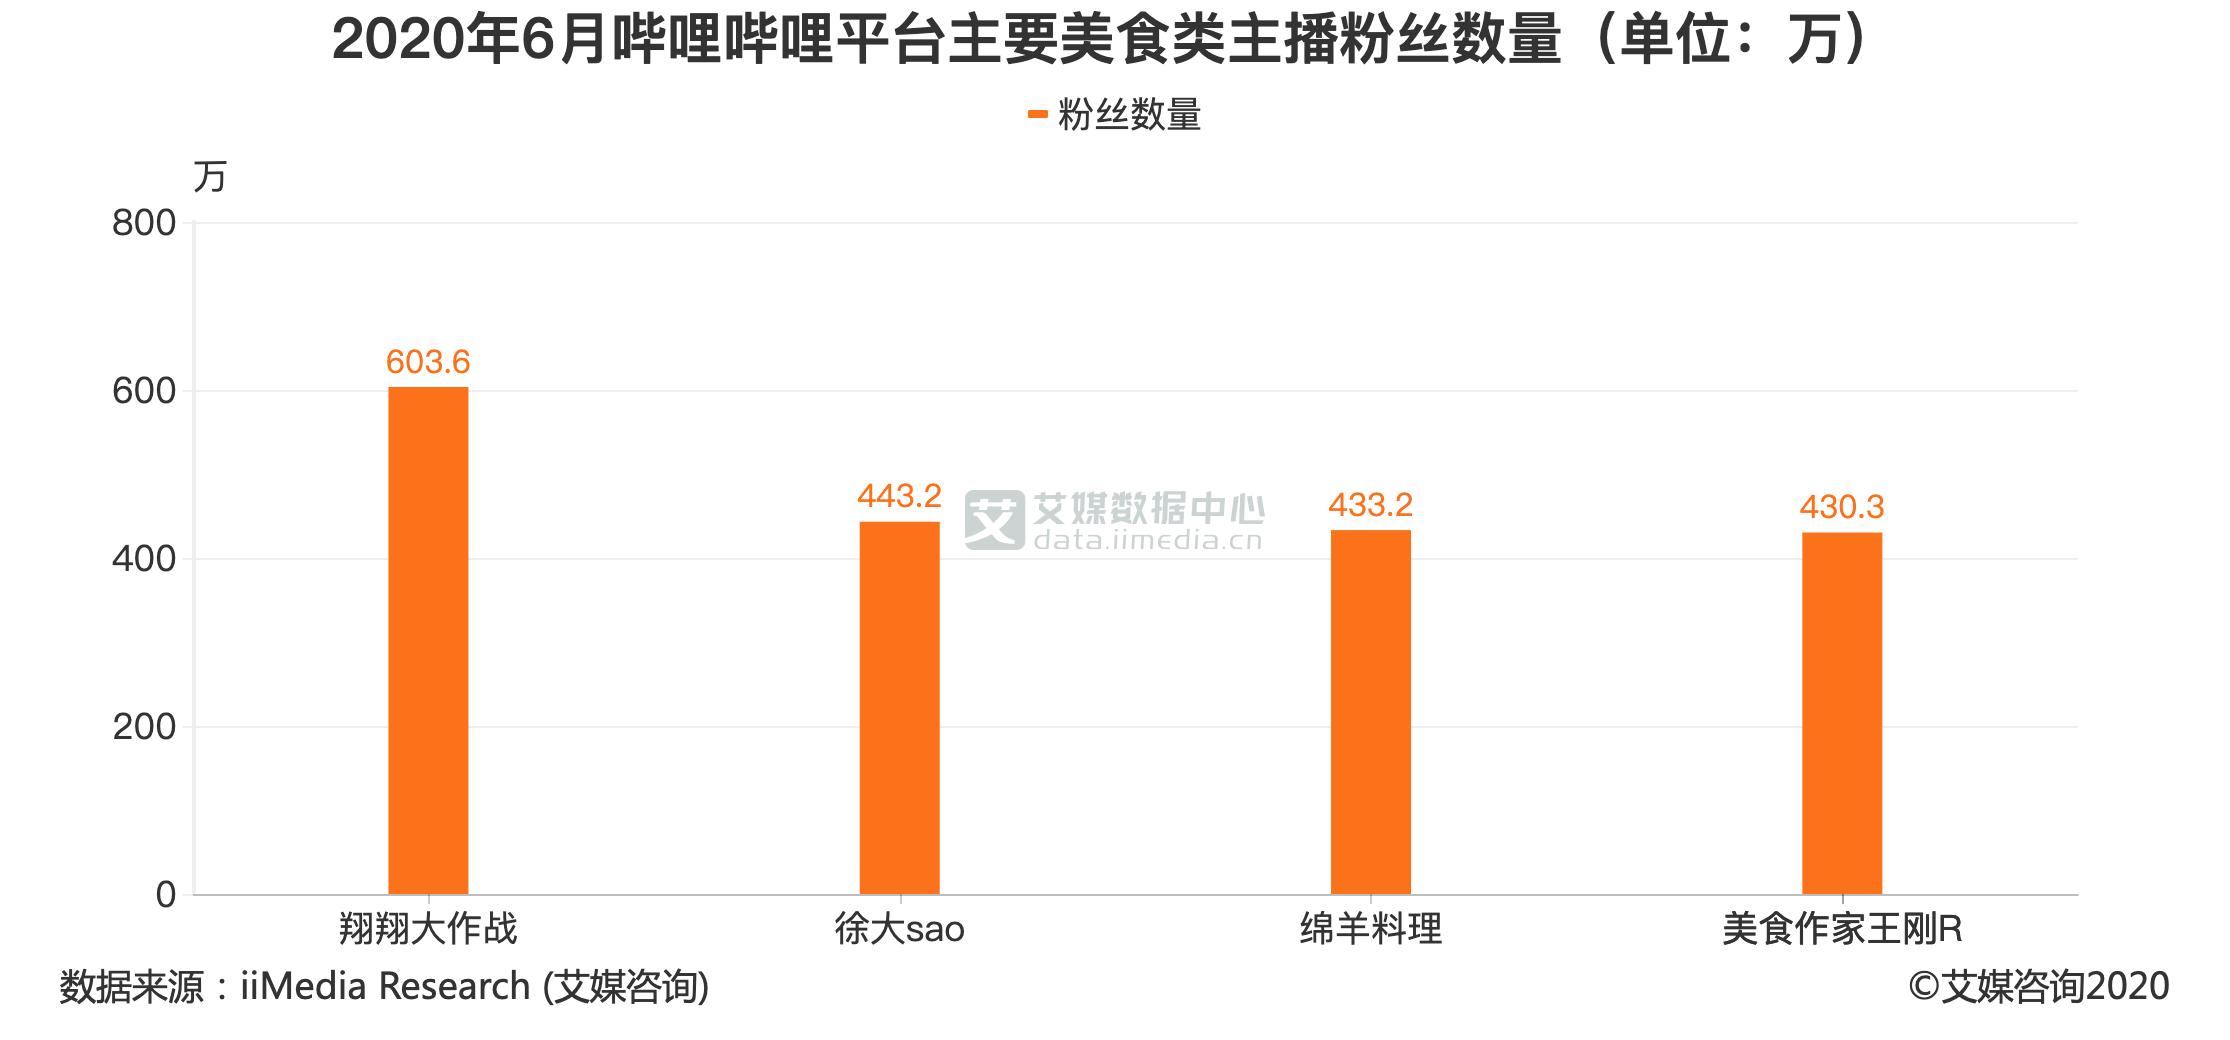 2020年6月哔哩哔哩平台主要美食类主播粉丝数量(单位:万)